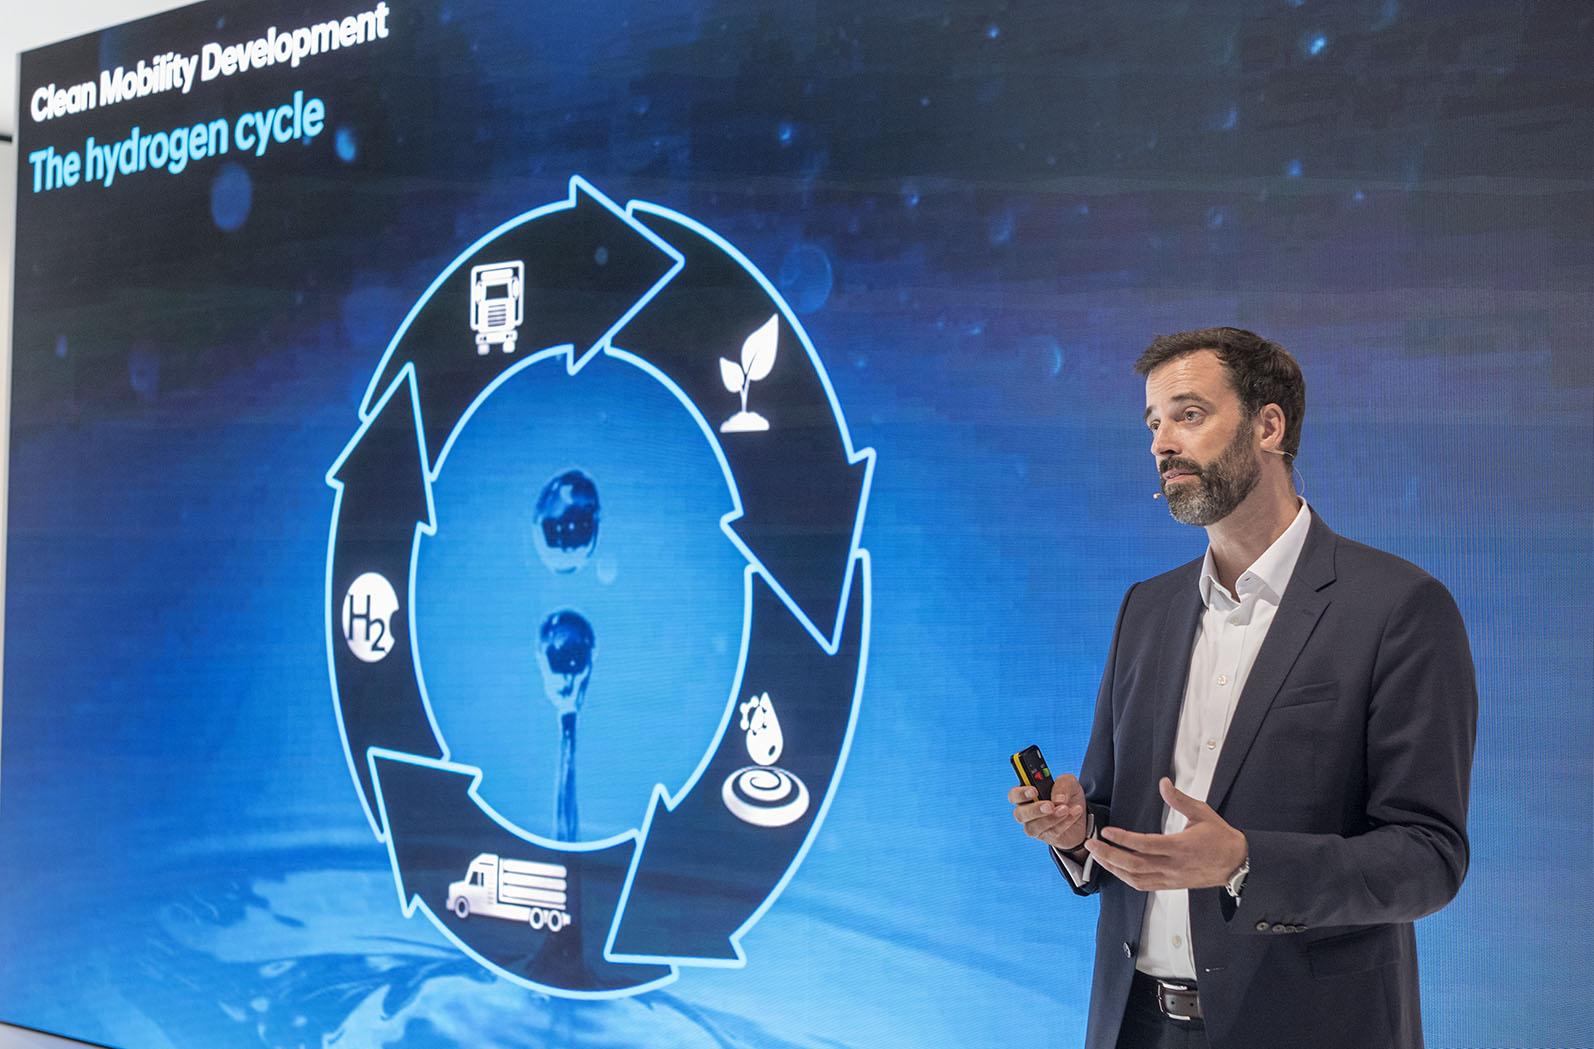 Vätgas som blir till vatten och elektricitet i bränslecellen är framtidens drivmedel enligt Mark Freymüller som är ansvarig för utveckling när det gäller tunga fordon på Hyundai.